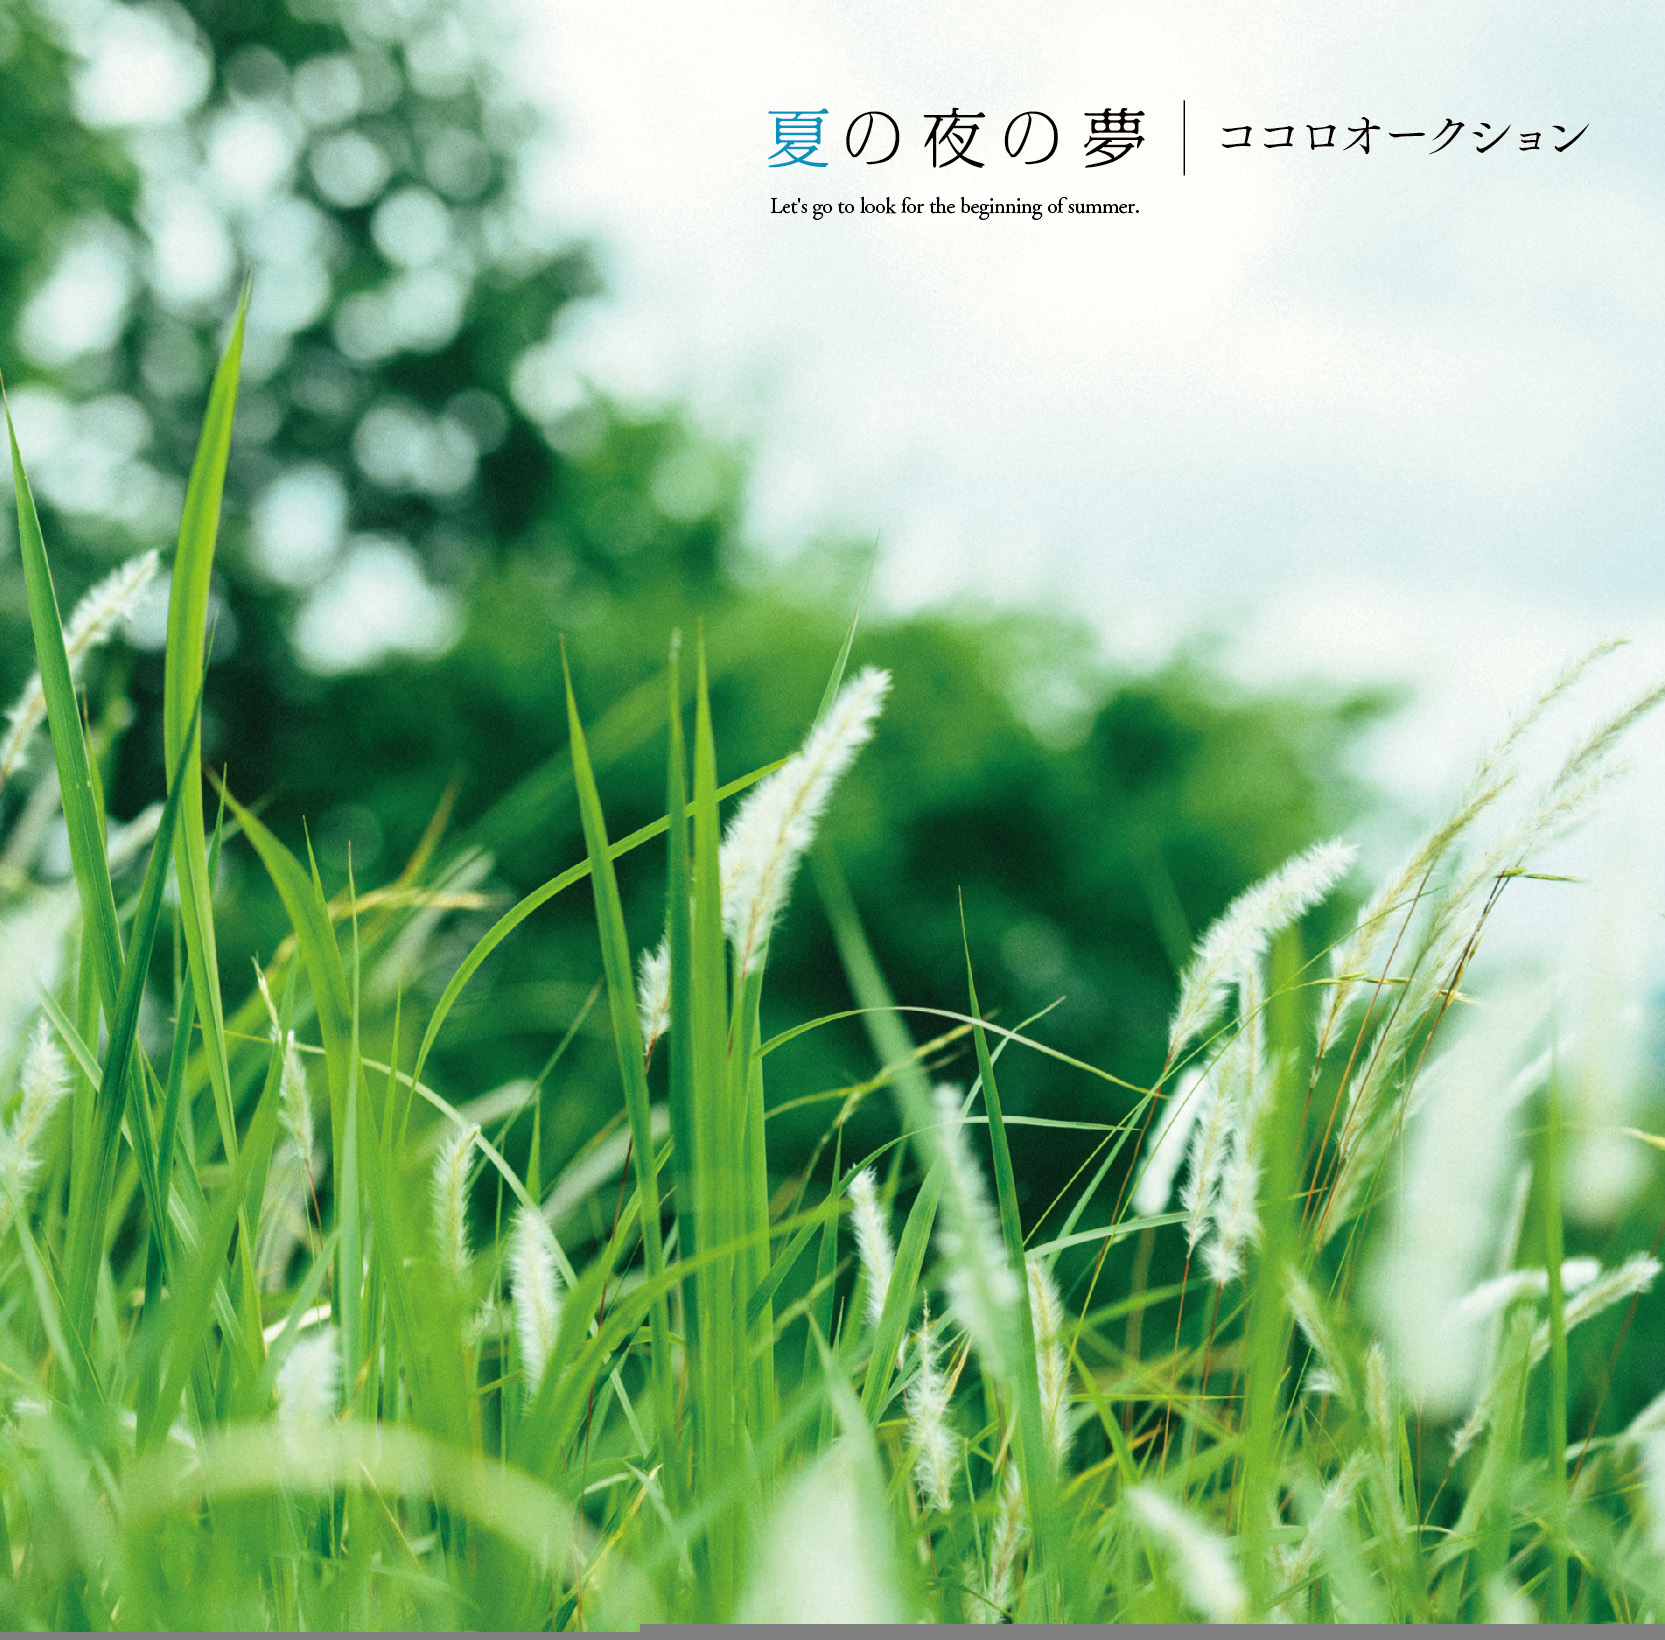 『夏の夜の夢』初回限定盤